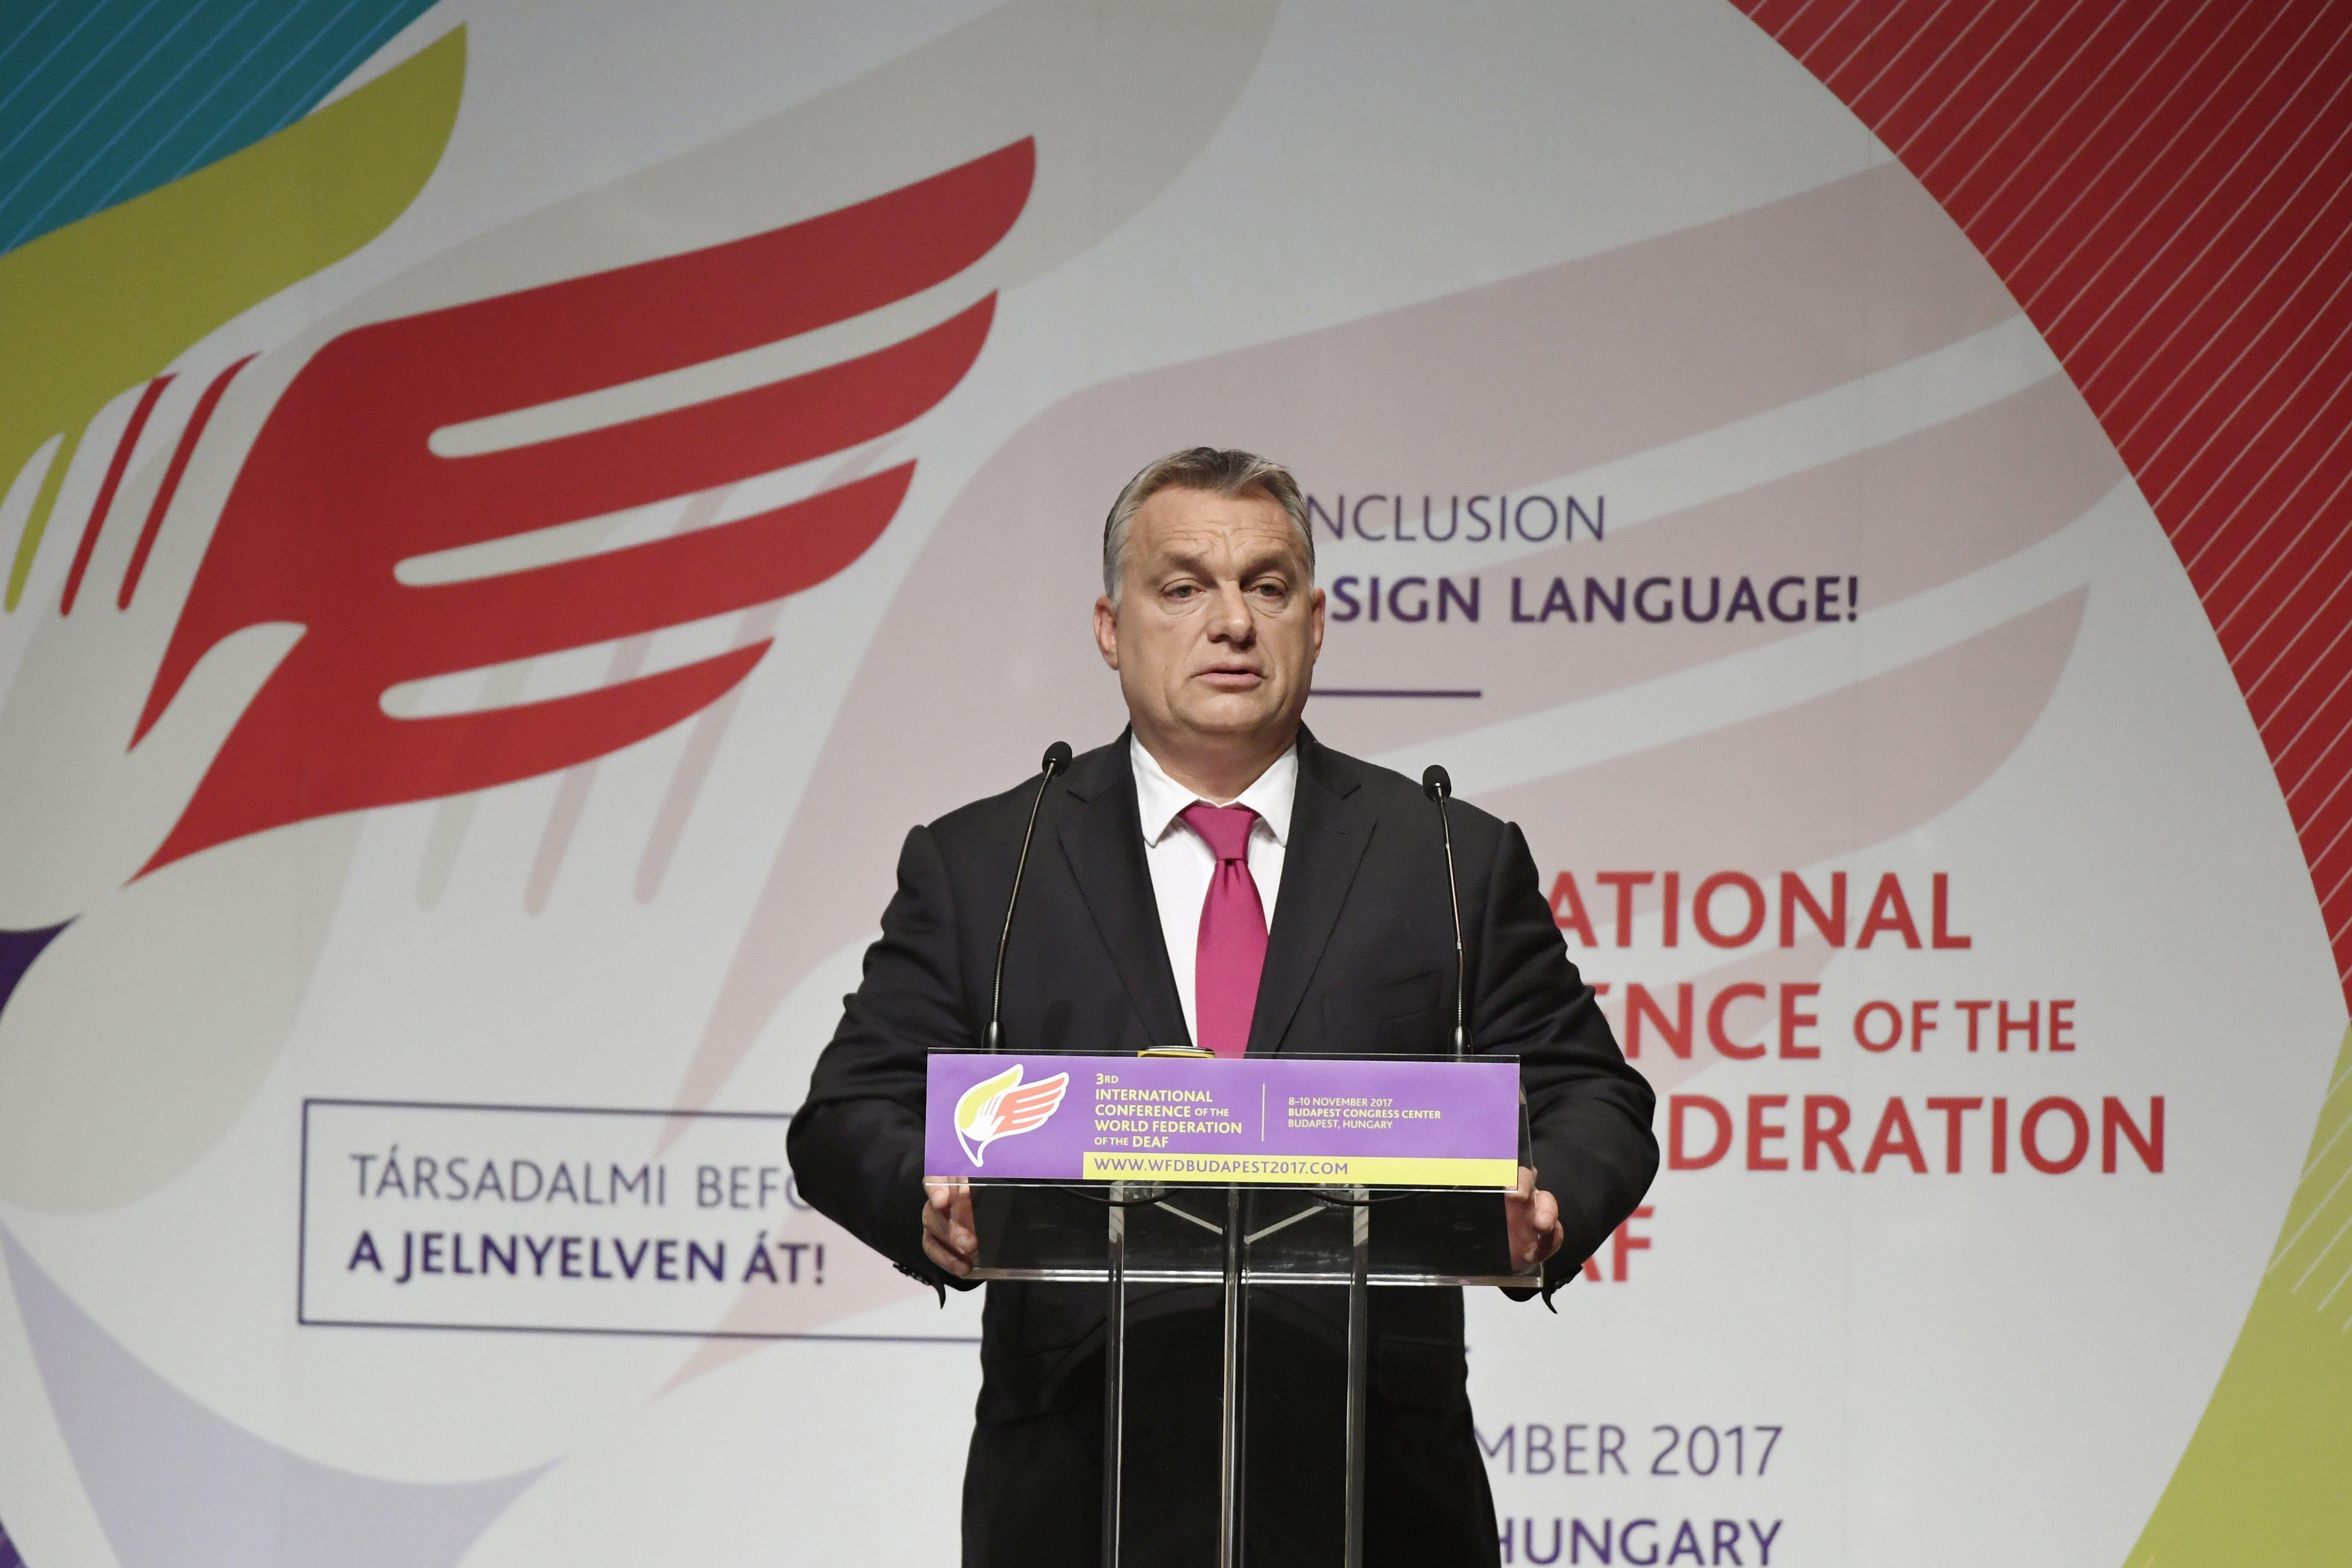 Orbán szerint úgy harcolnak a siketek a jelnyelvért, mint a határon túli magyarok az anyanyelvükért